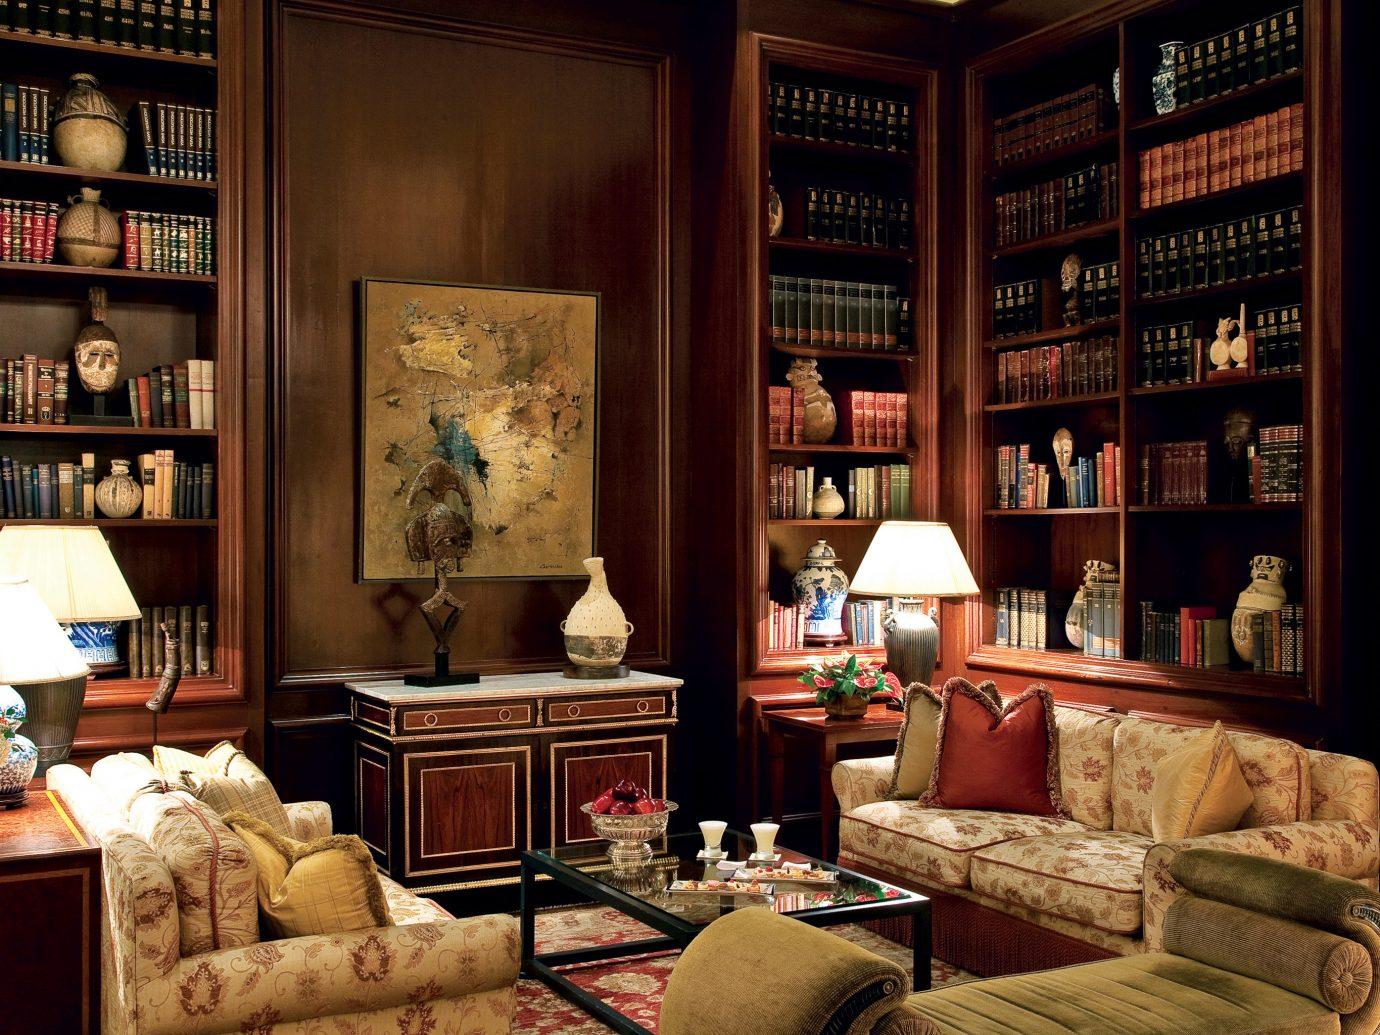 Boutique Hotels Historic Hotels Living Lounge Luxury indoor living room room shelf home interior design estate furniture Design cluttered